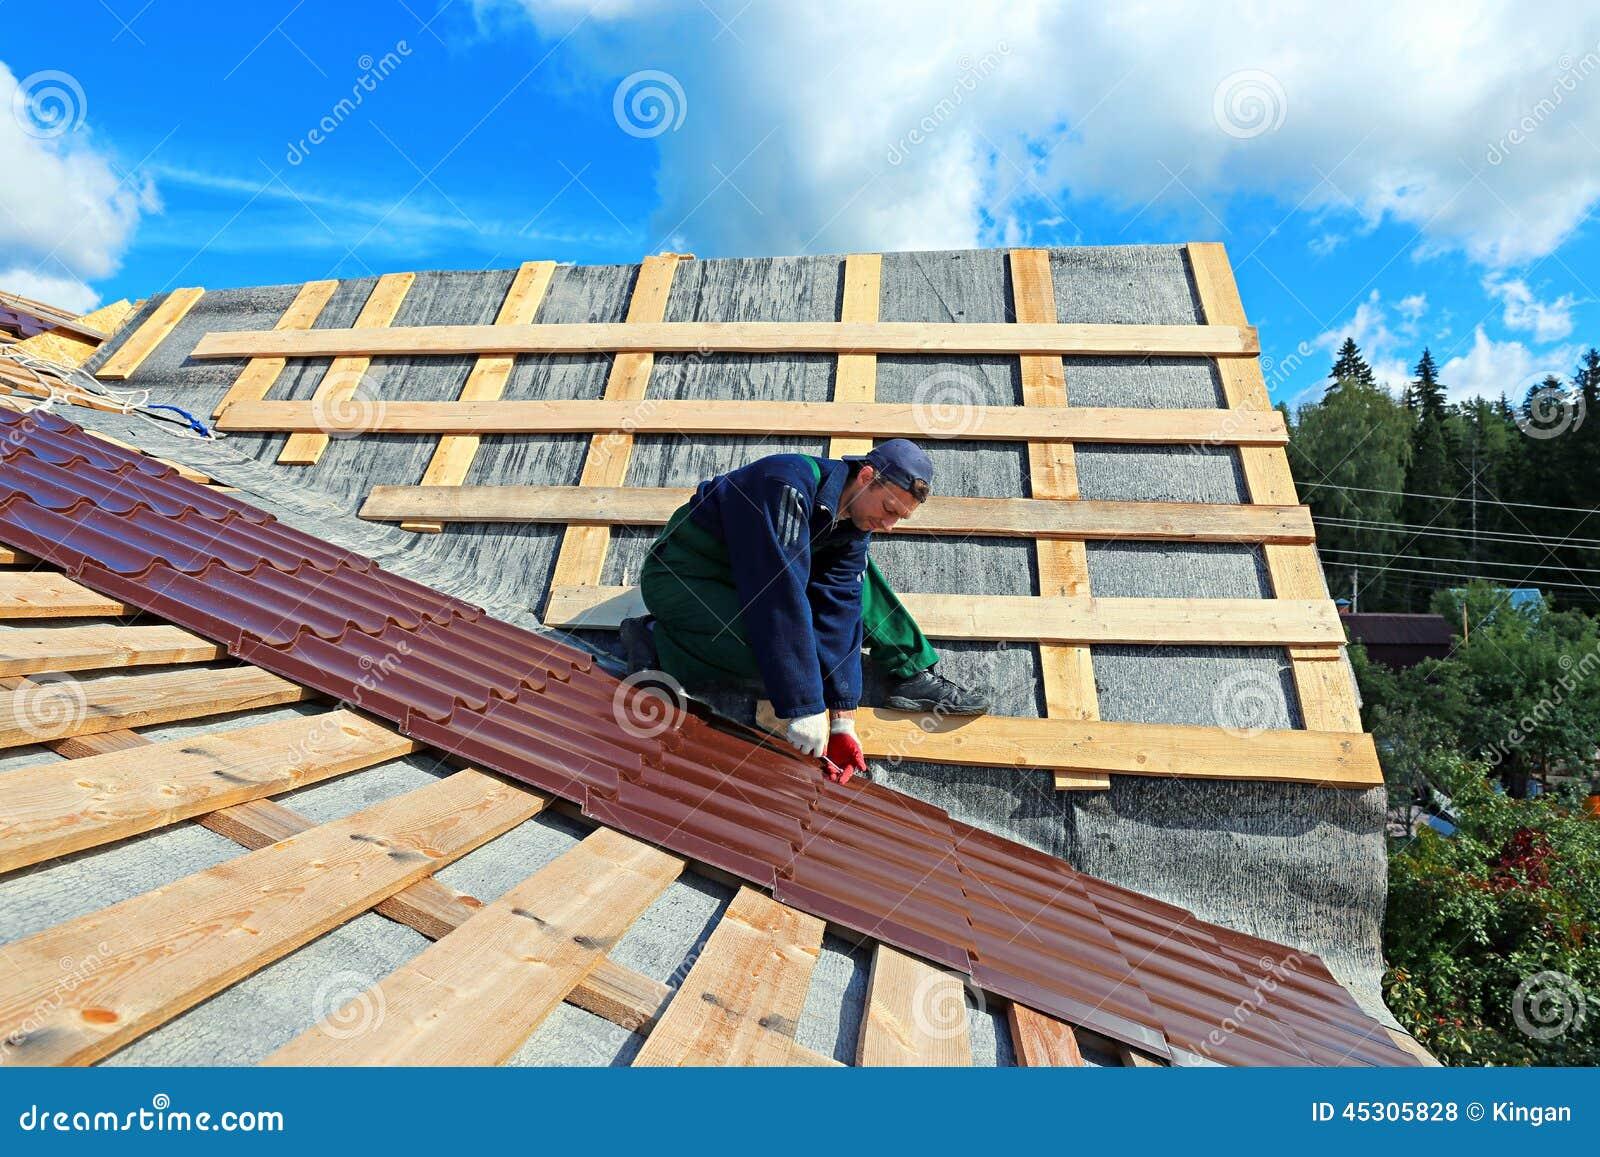 De arbeider zet de metaaltegels op het dak